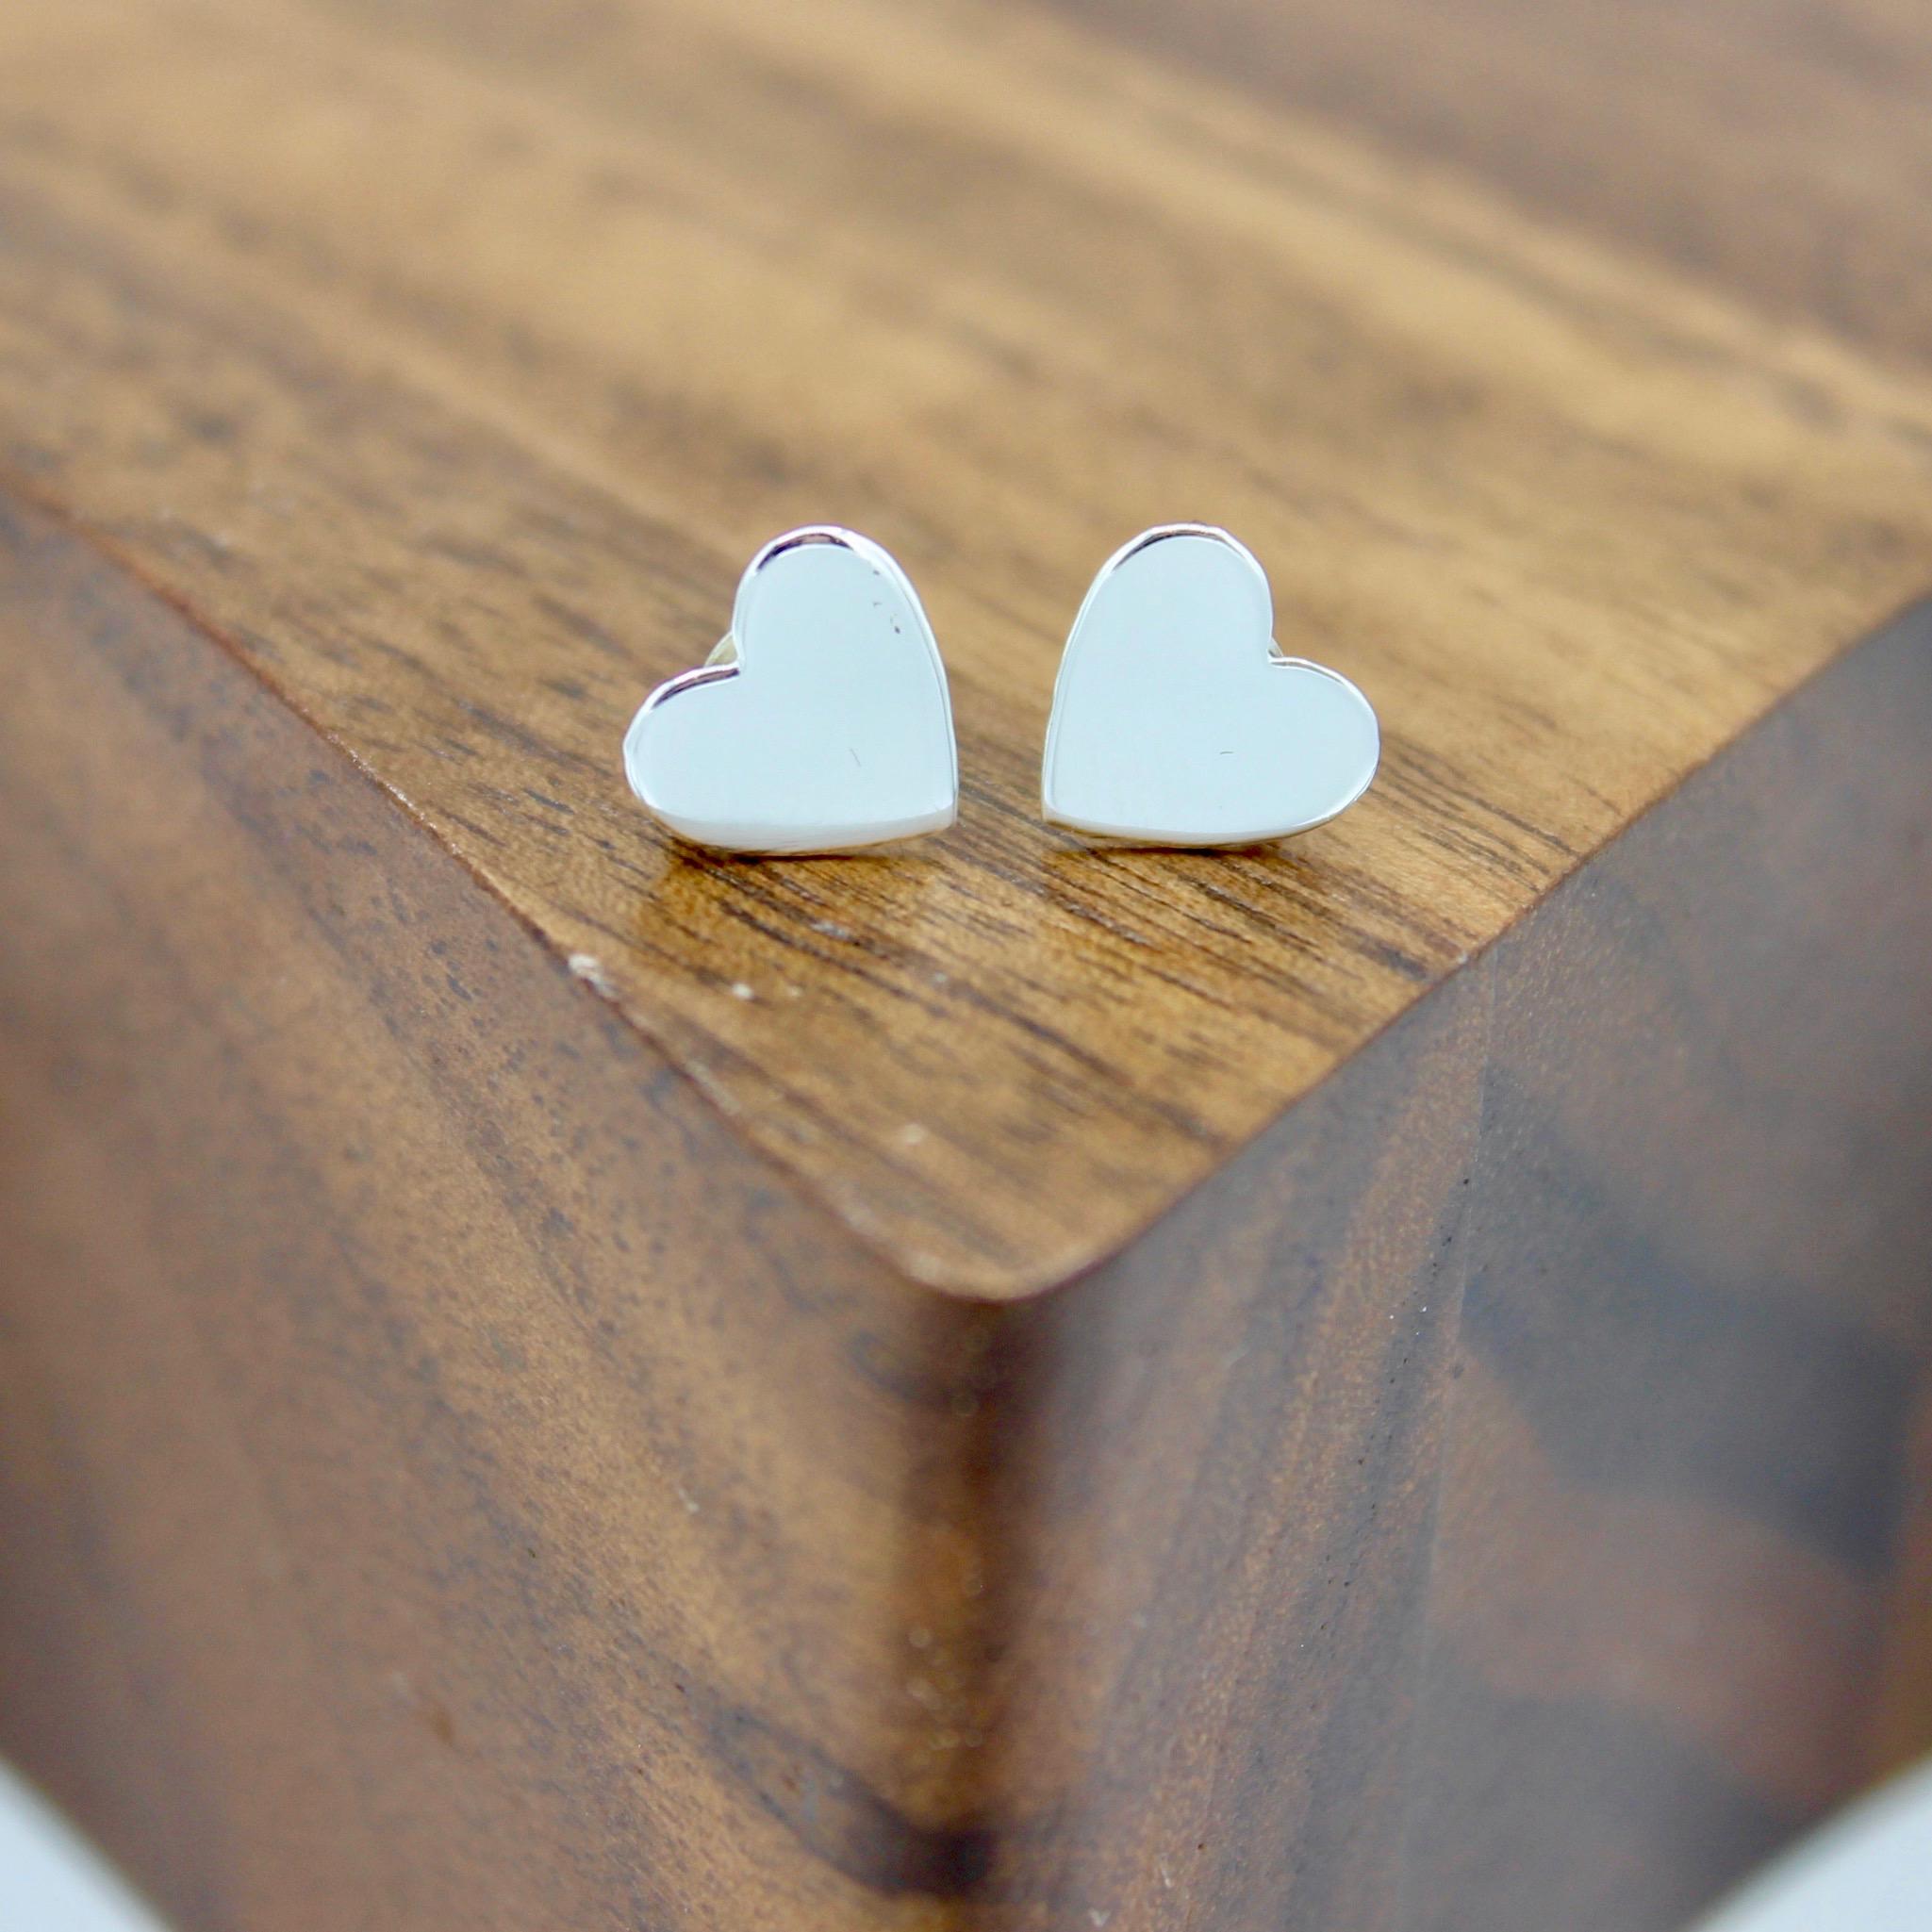 Solid heart stud earrings